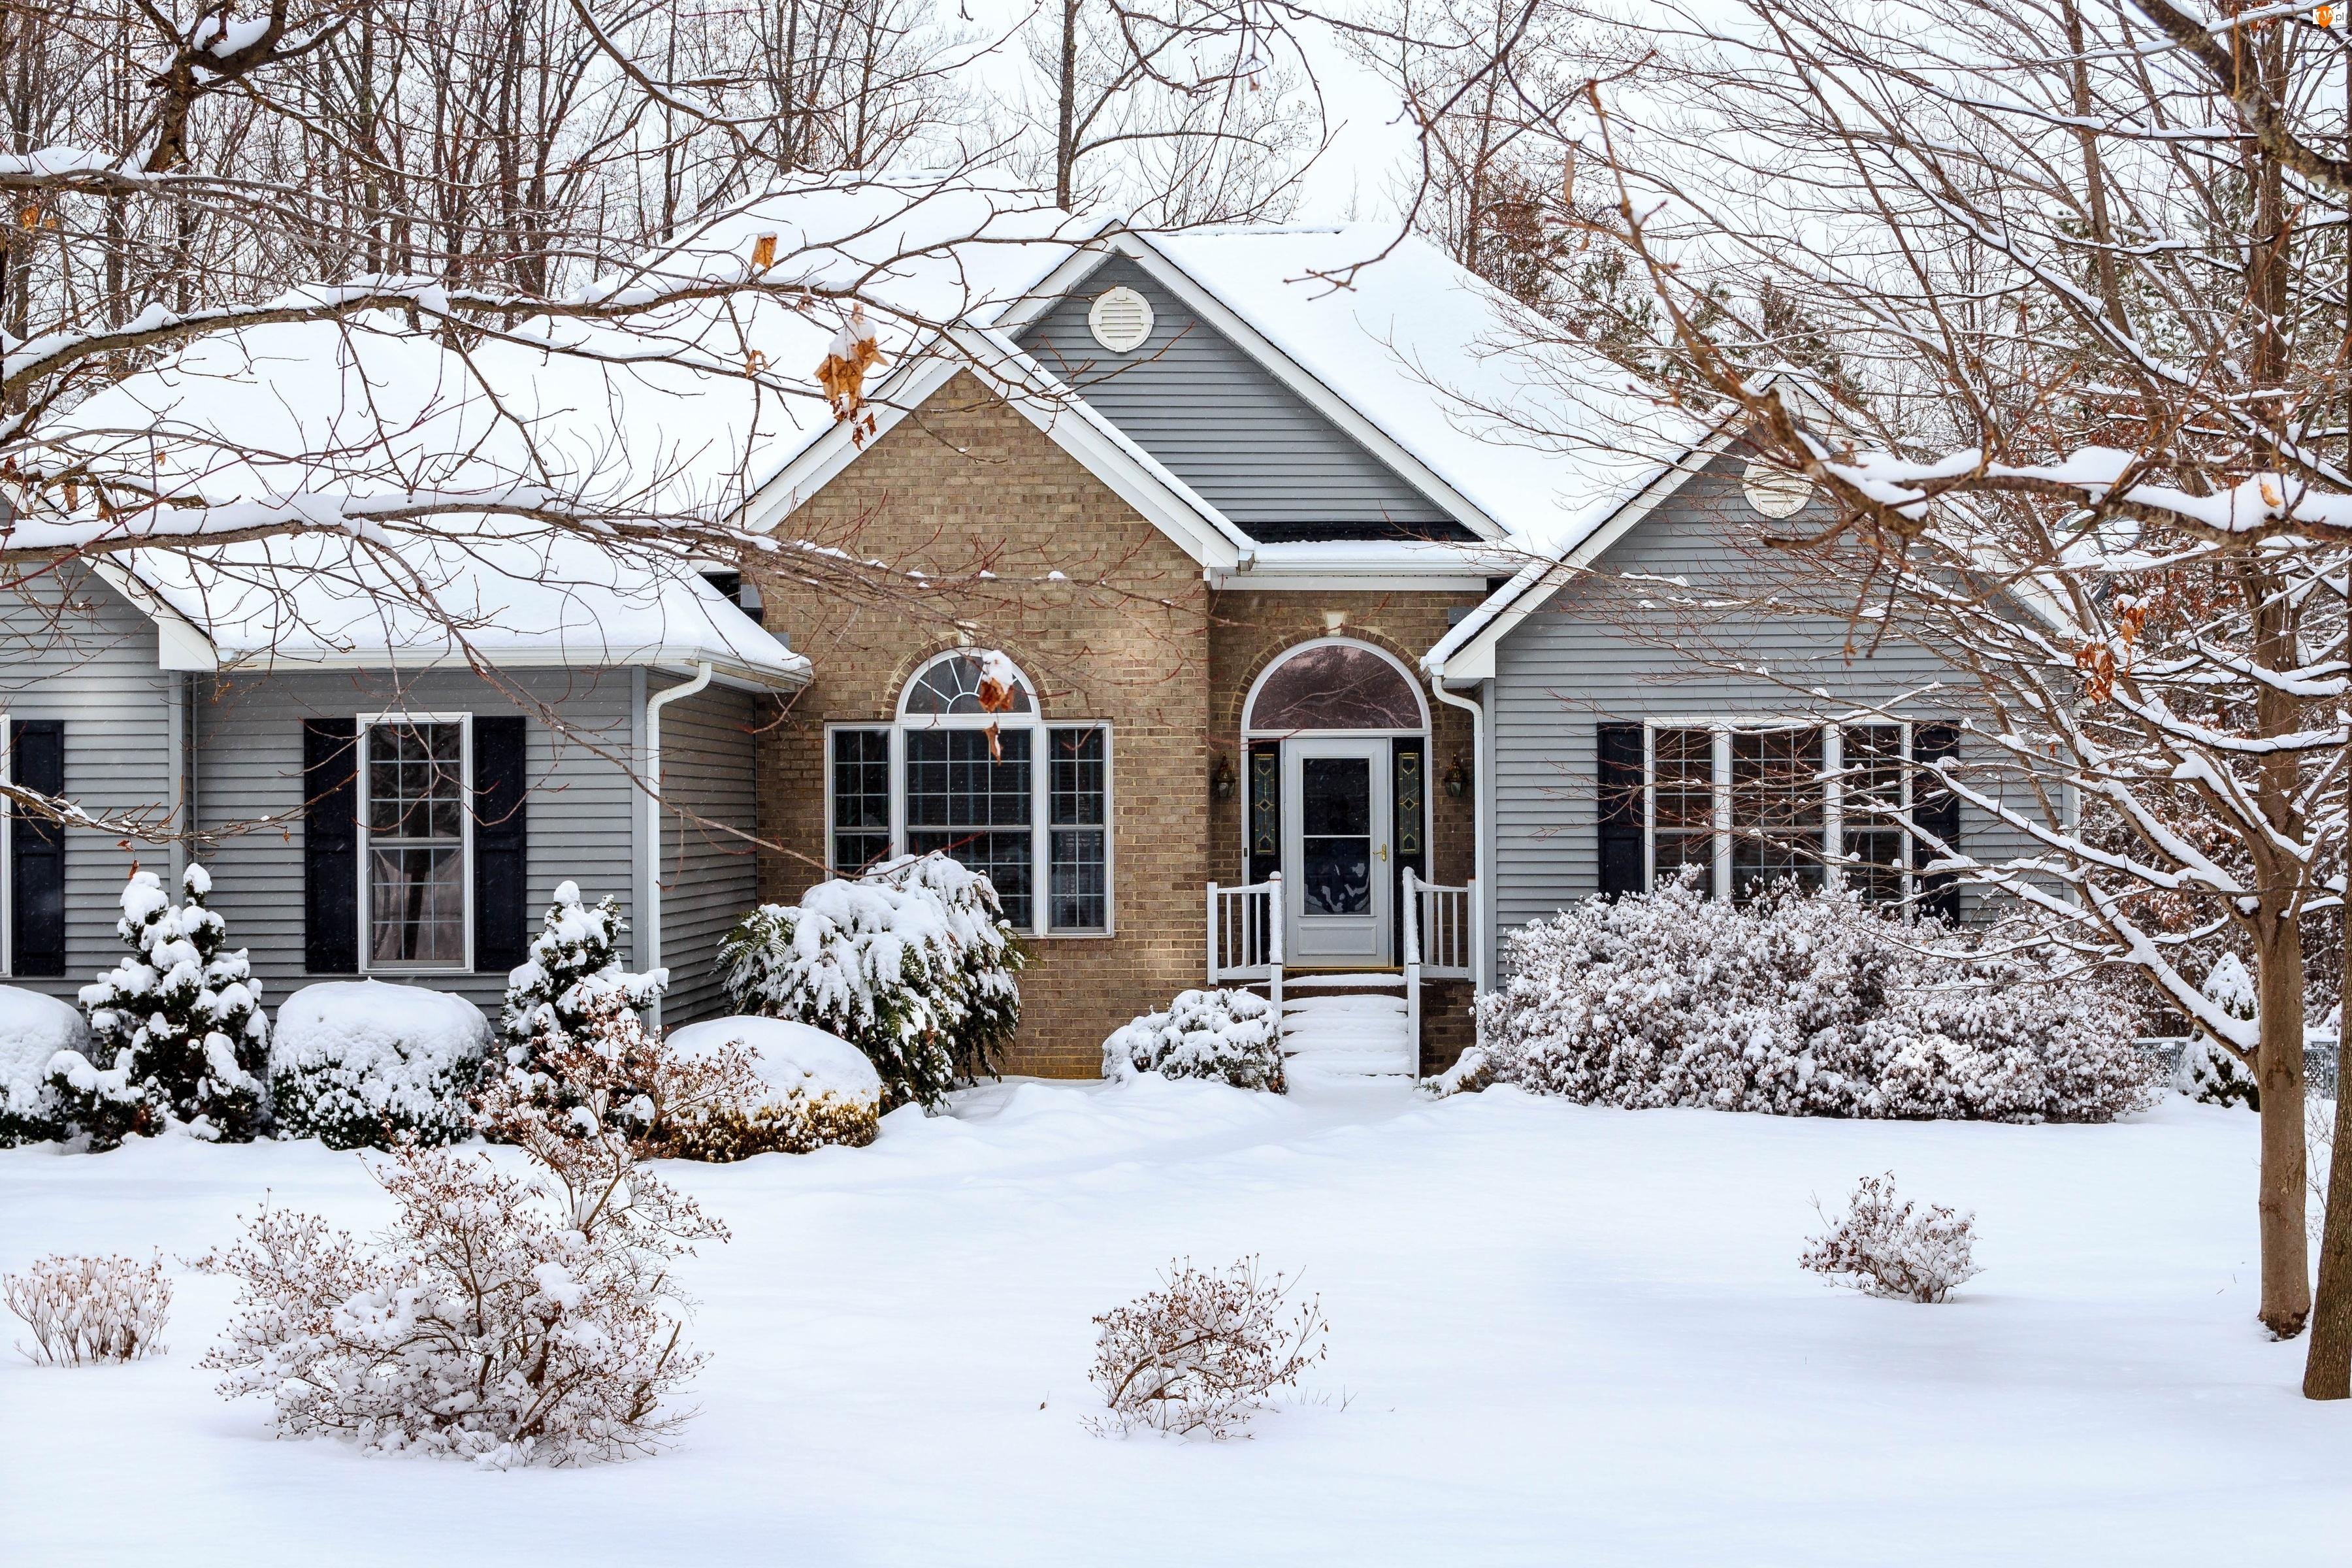 Śnieg, Drzewa, Zima, Niebo, Dom, Krzewy